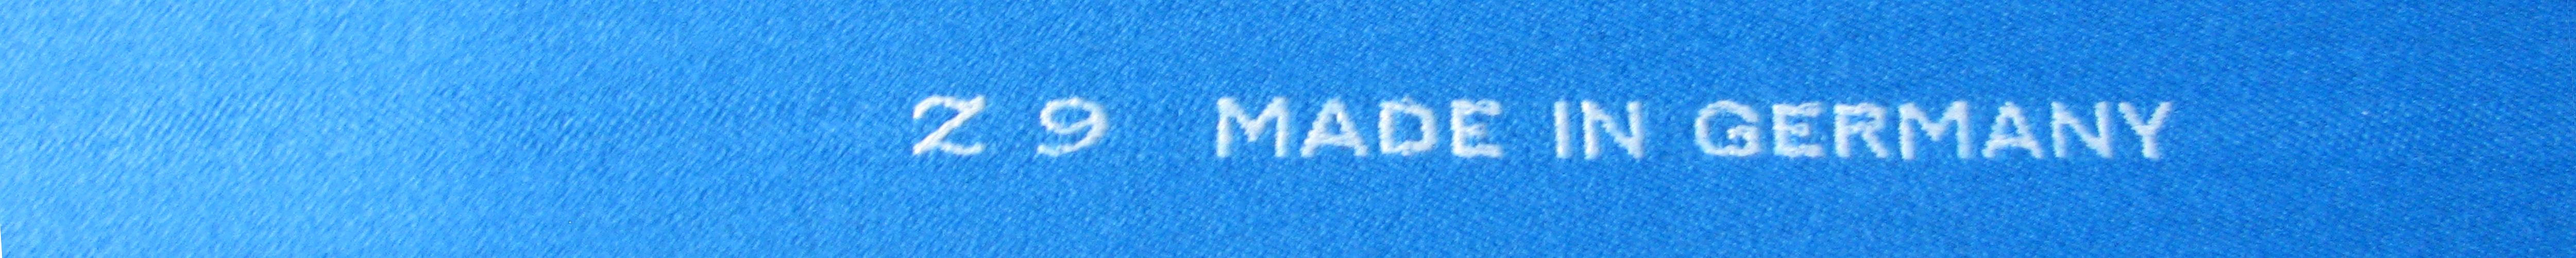 Z9 BilliardCloth Schriftzug Vorderseite